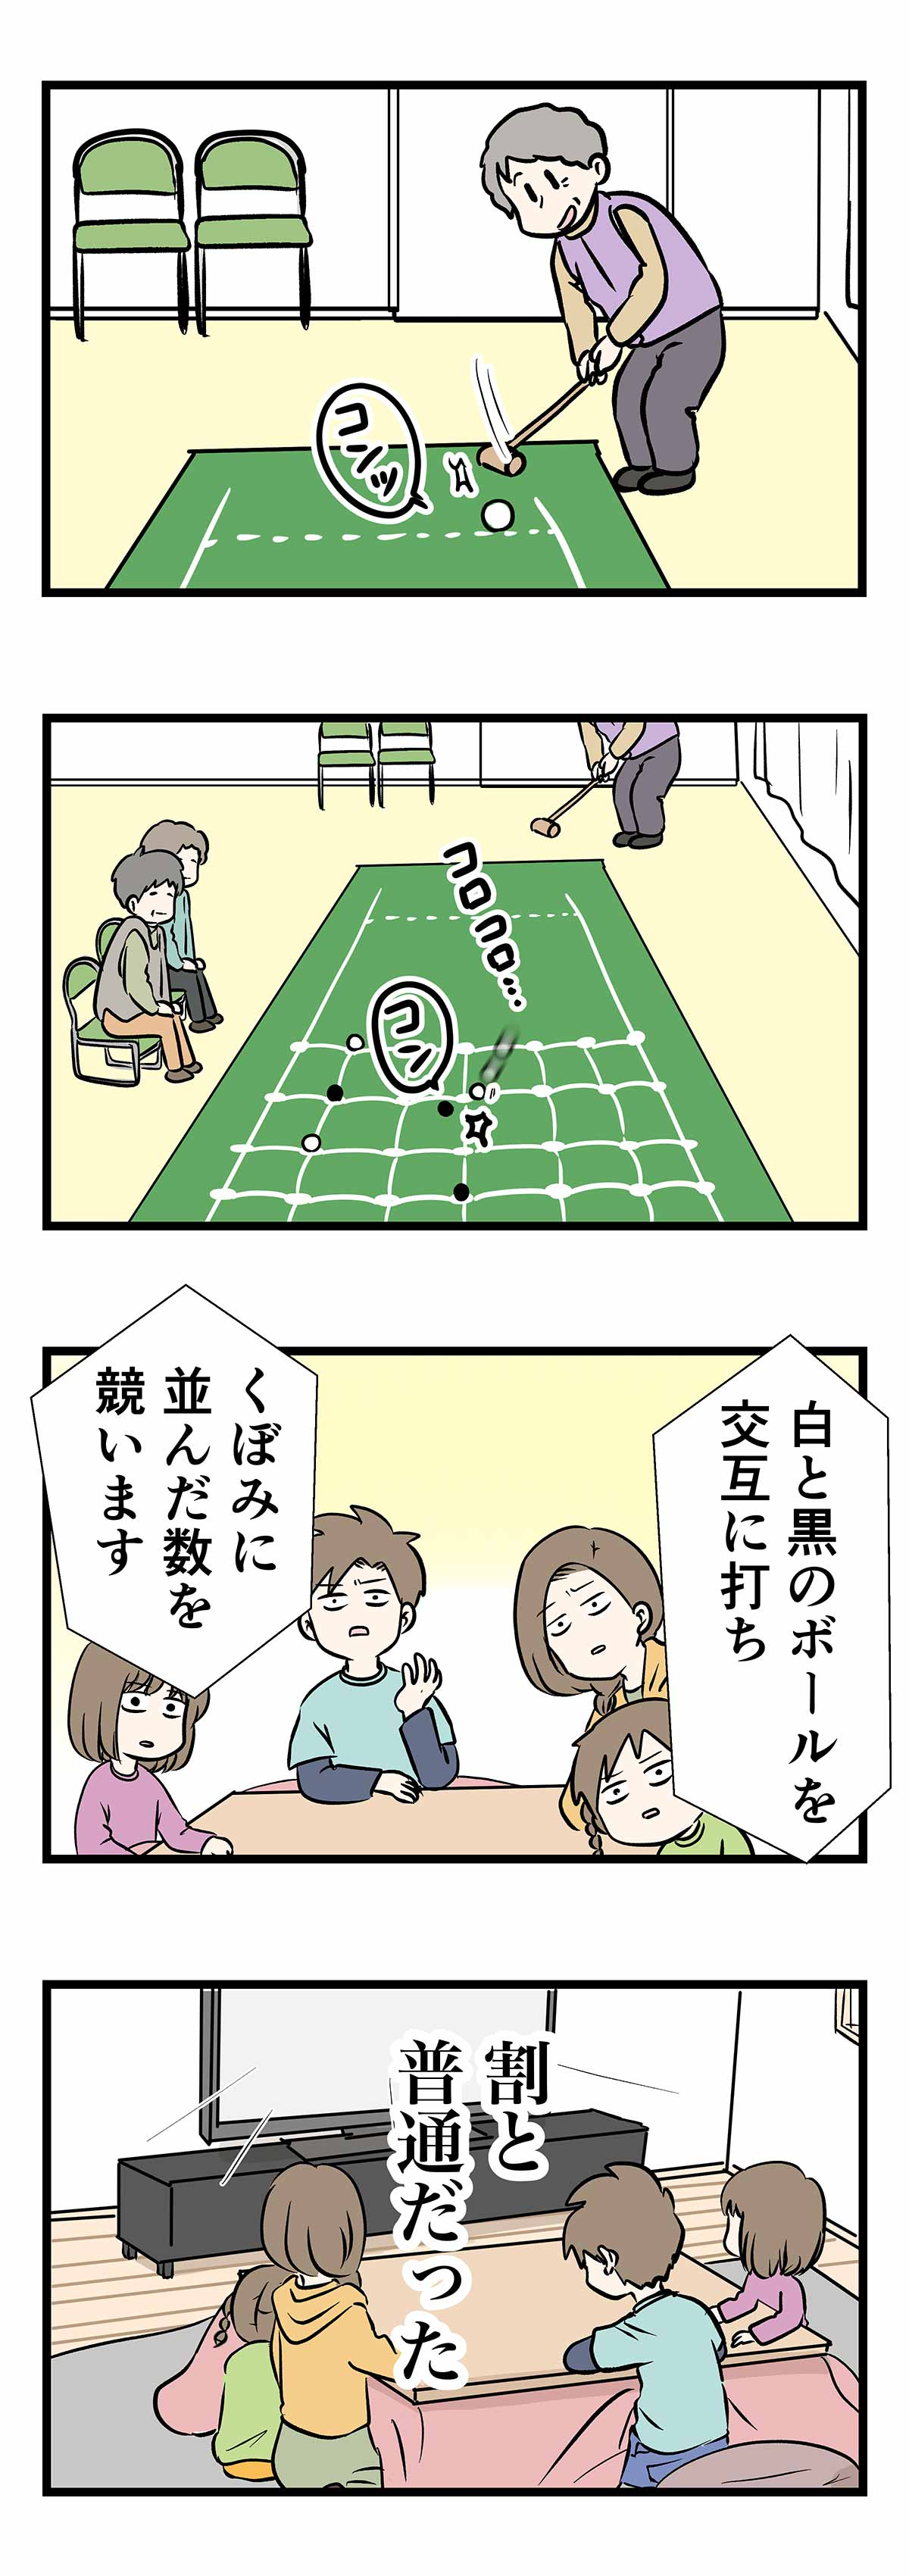 「囲碁ボール」とかいう「囲碁サッカー」みたいなスポーツがあるらしい